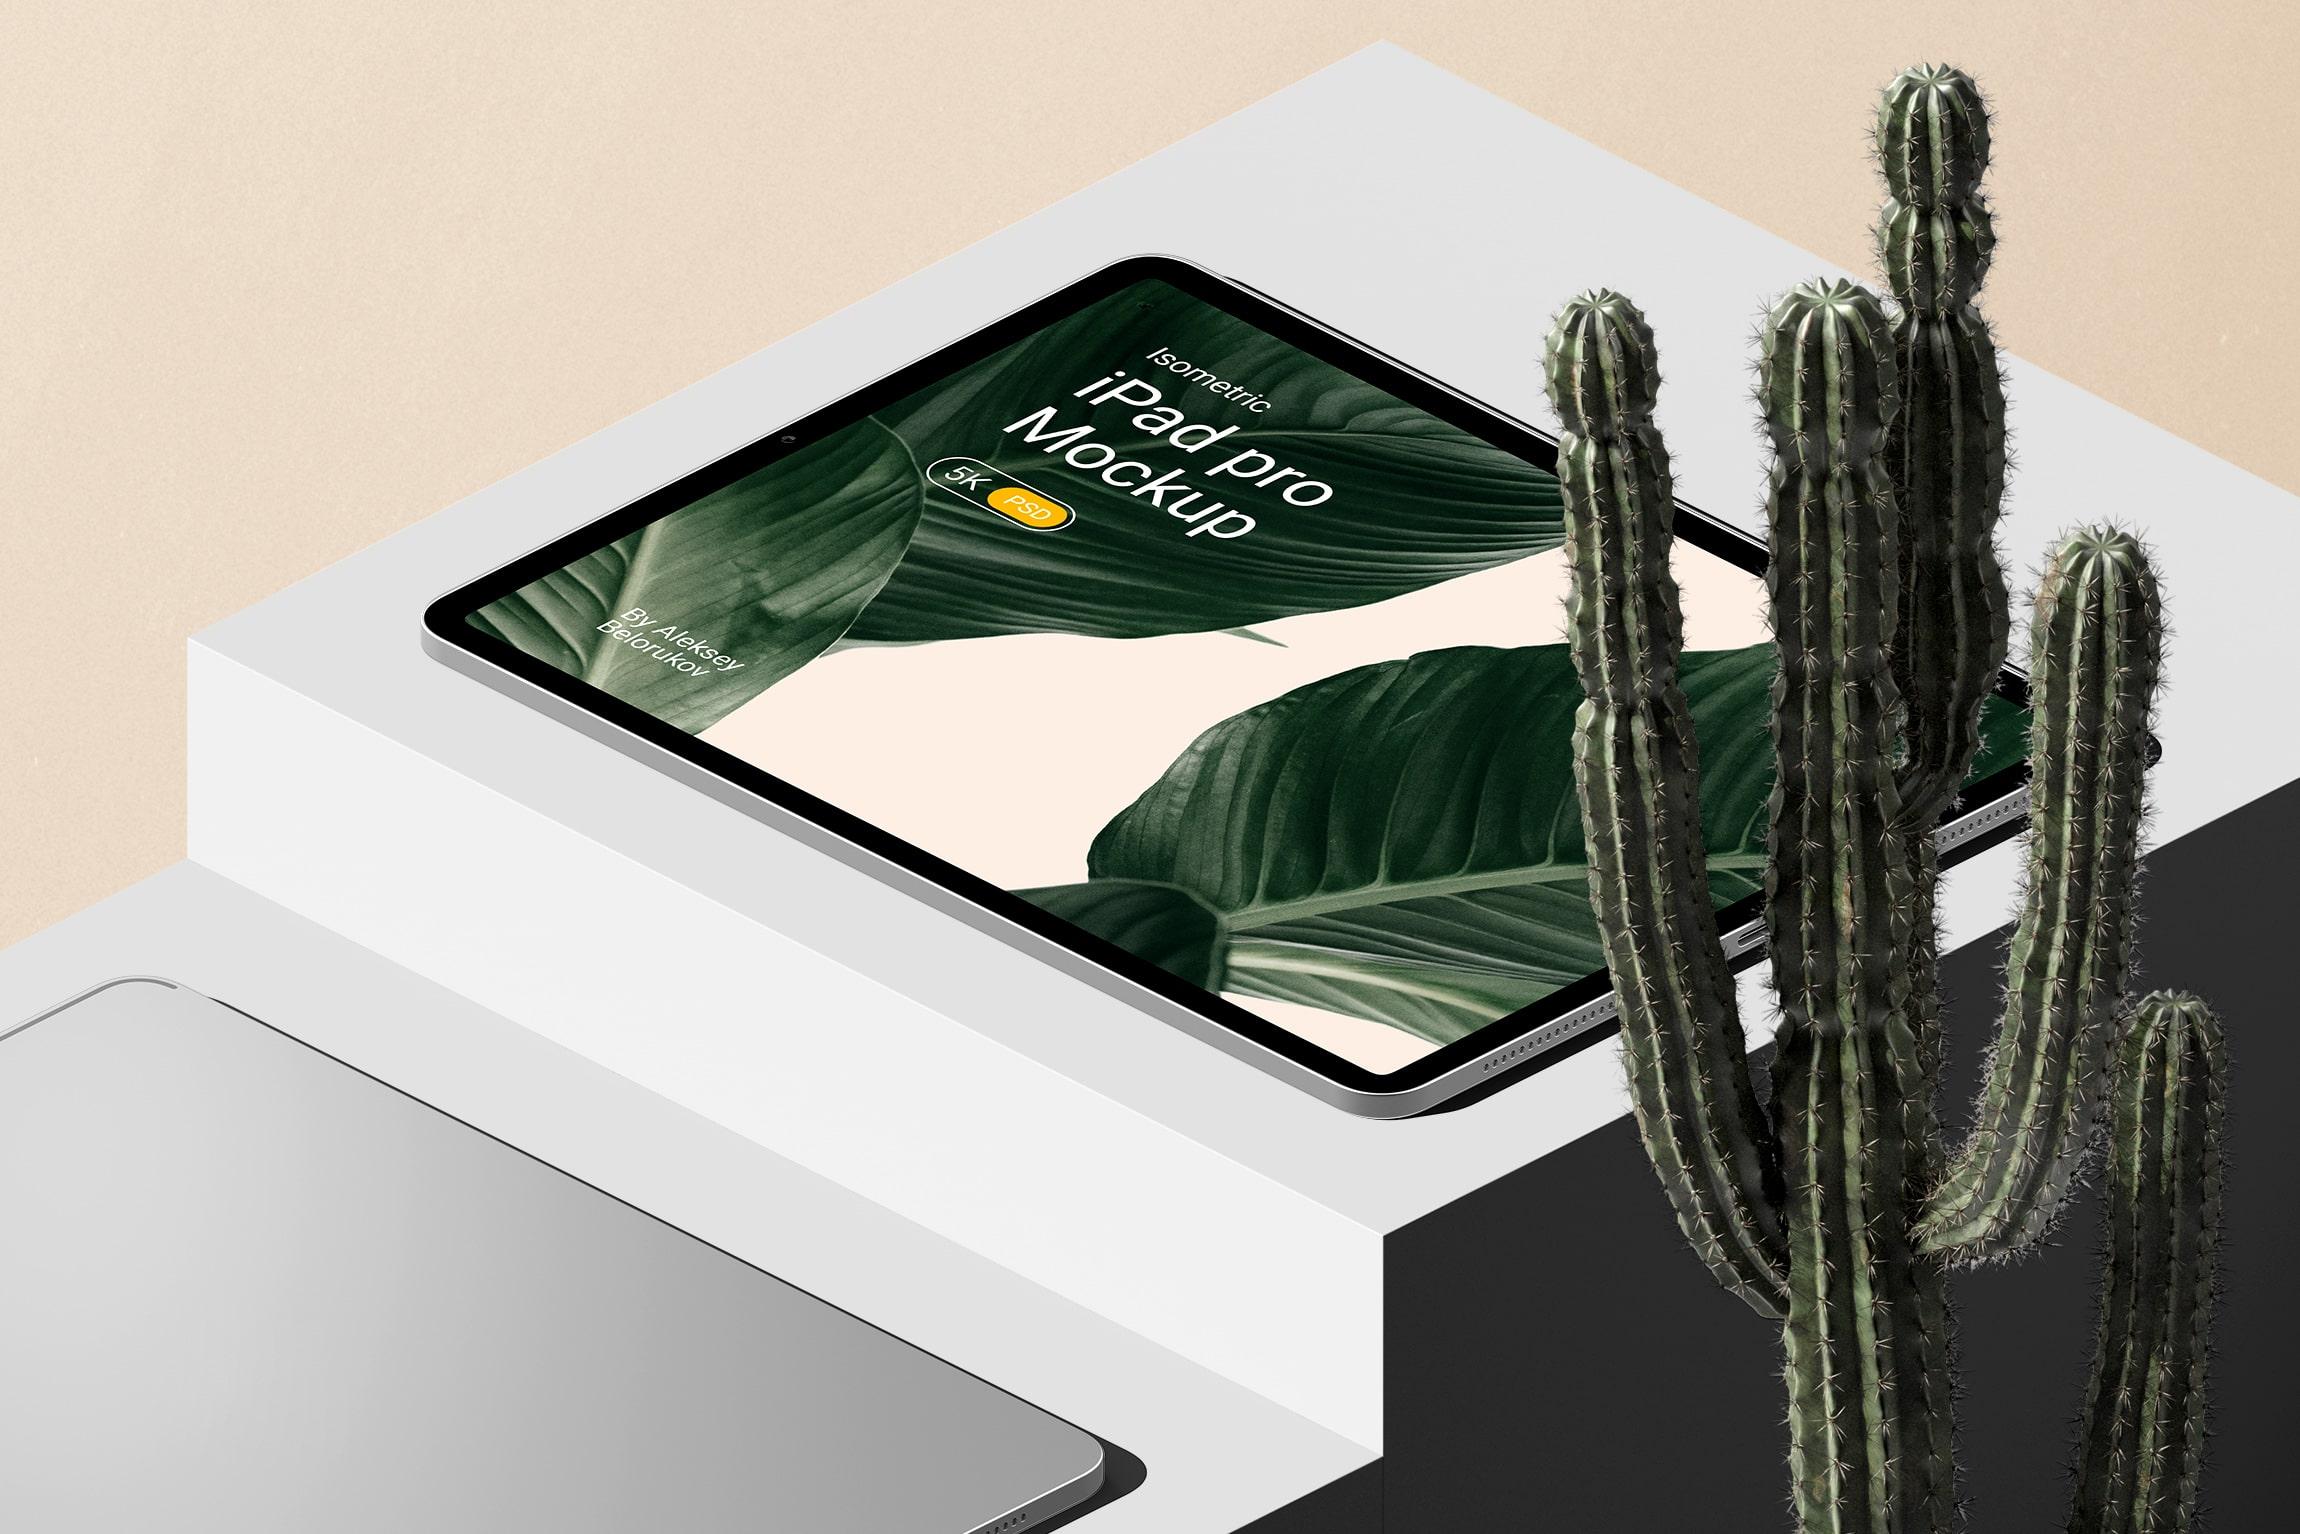 [单独购买] 16款时尚等距APP界面设计苹果设备屏幕演示场景样机模板套装 Device Pack Mockups – Isometric插图10